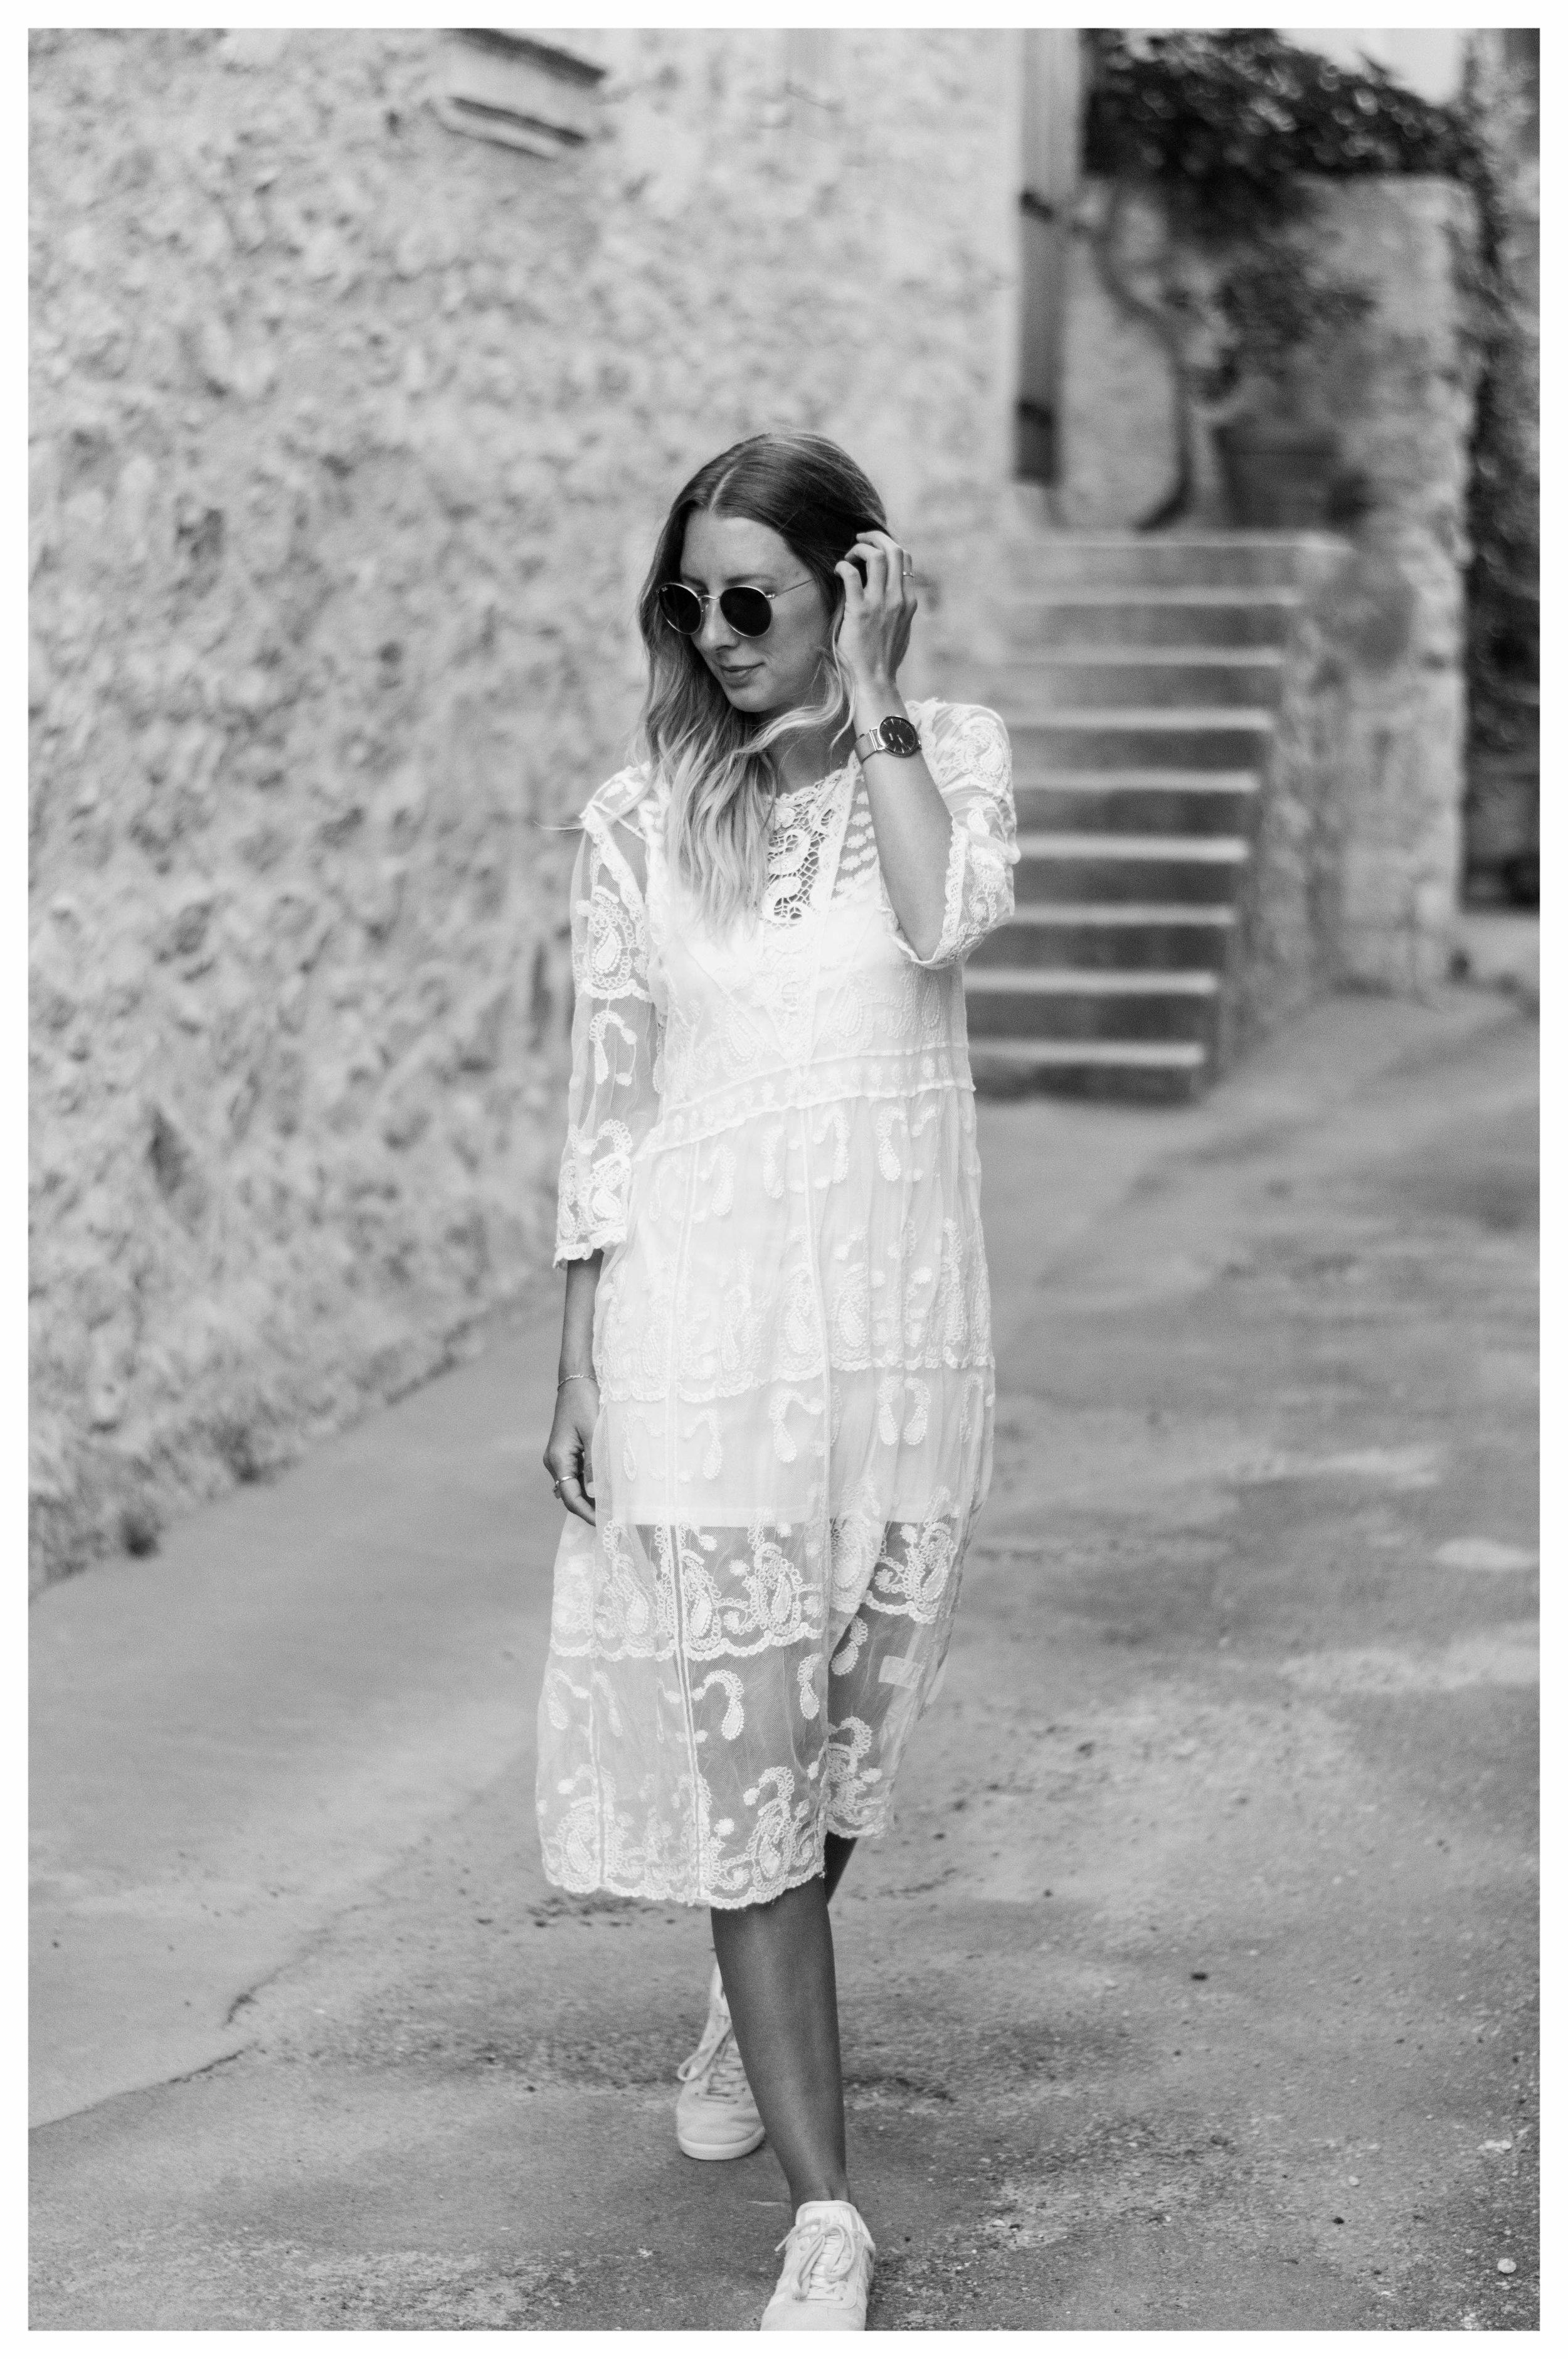 Cornillon White Dress June - OSIARAH.COM (17 of 27).jpg